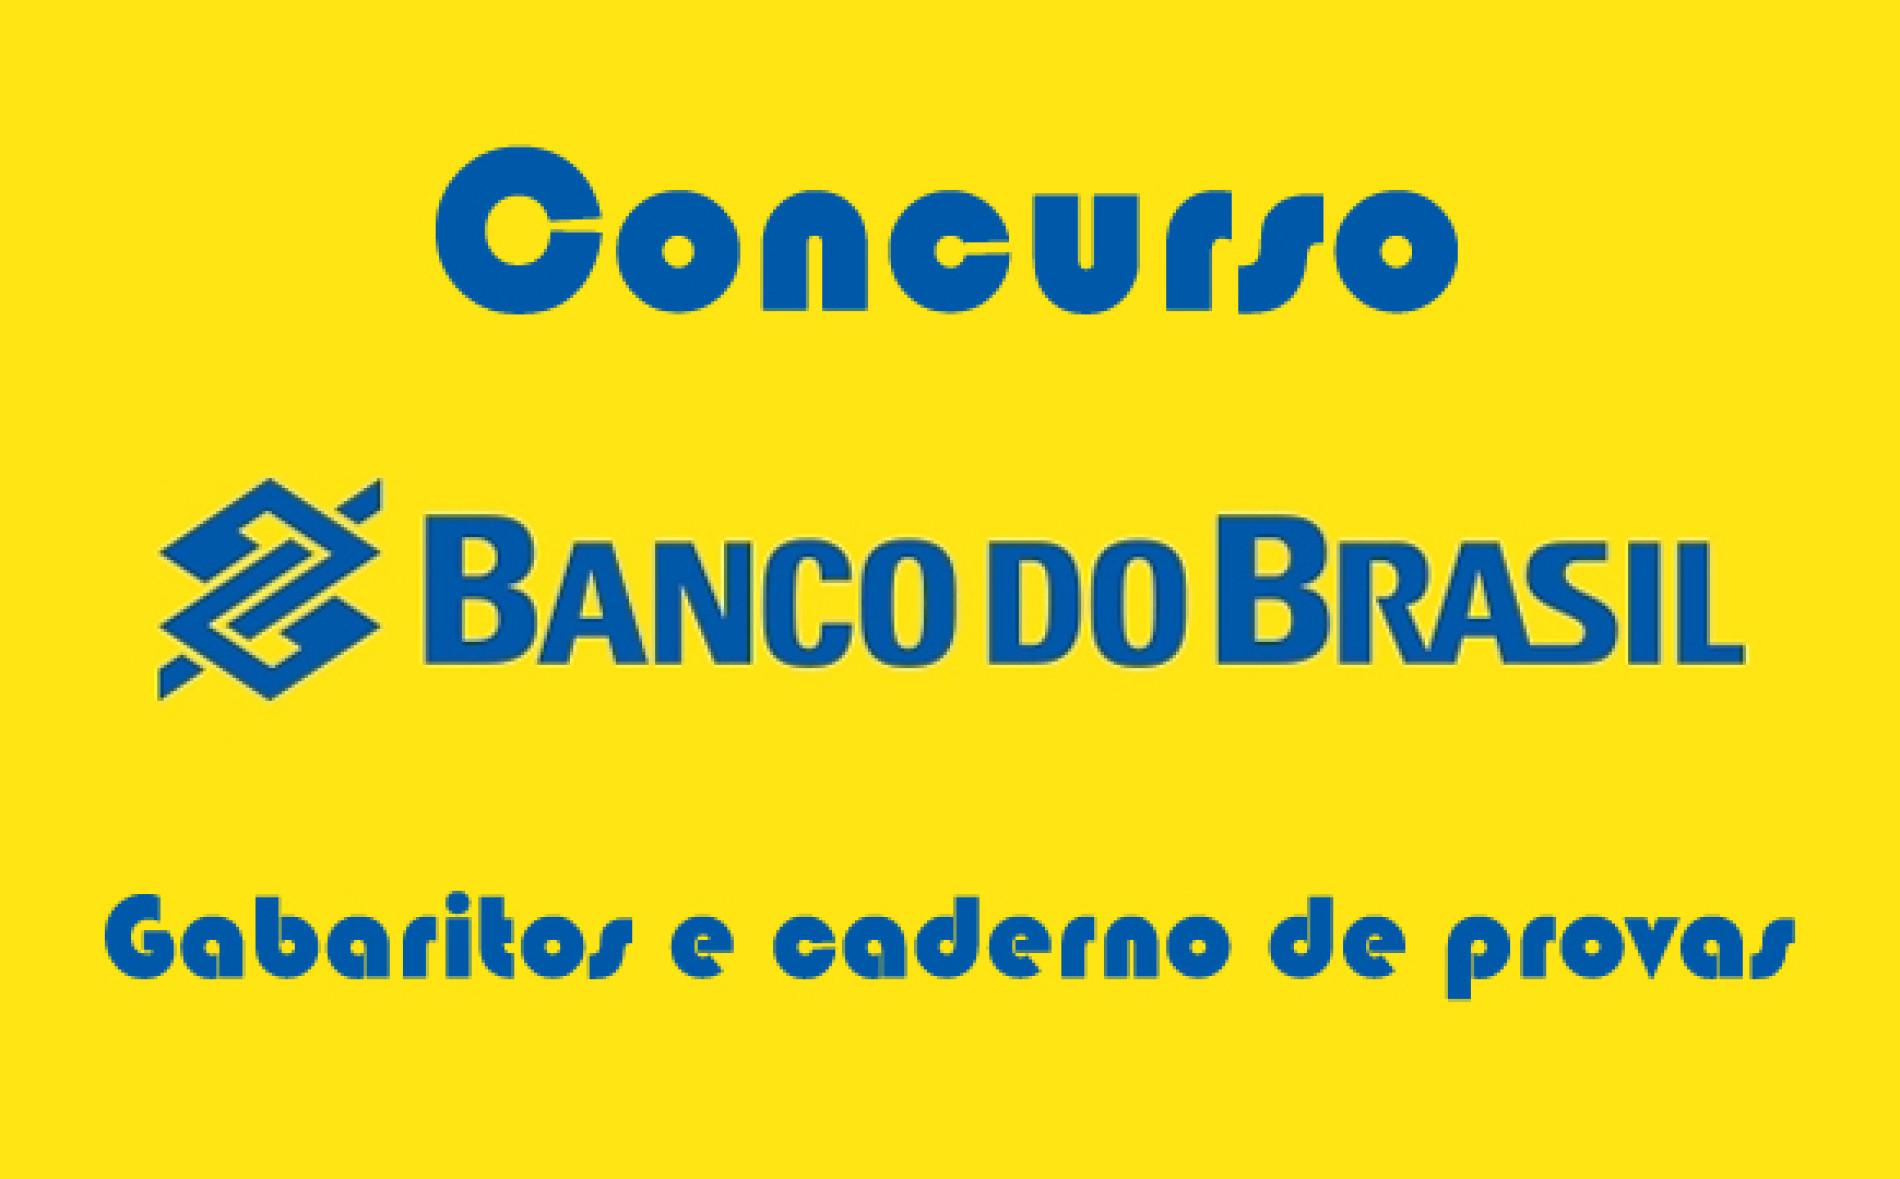 Gabarito Concurso Banco do Brasil e links uteis